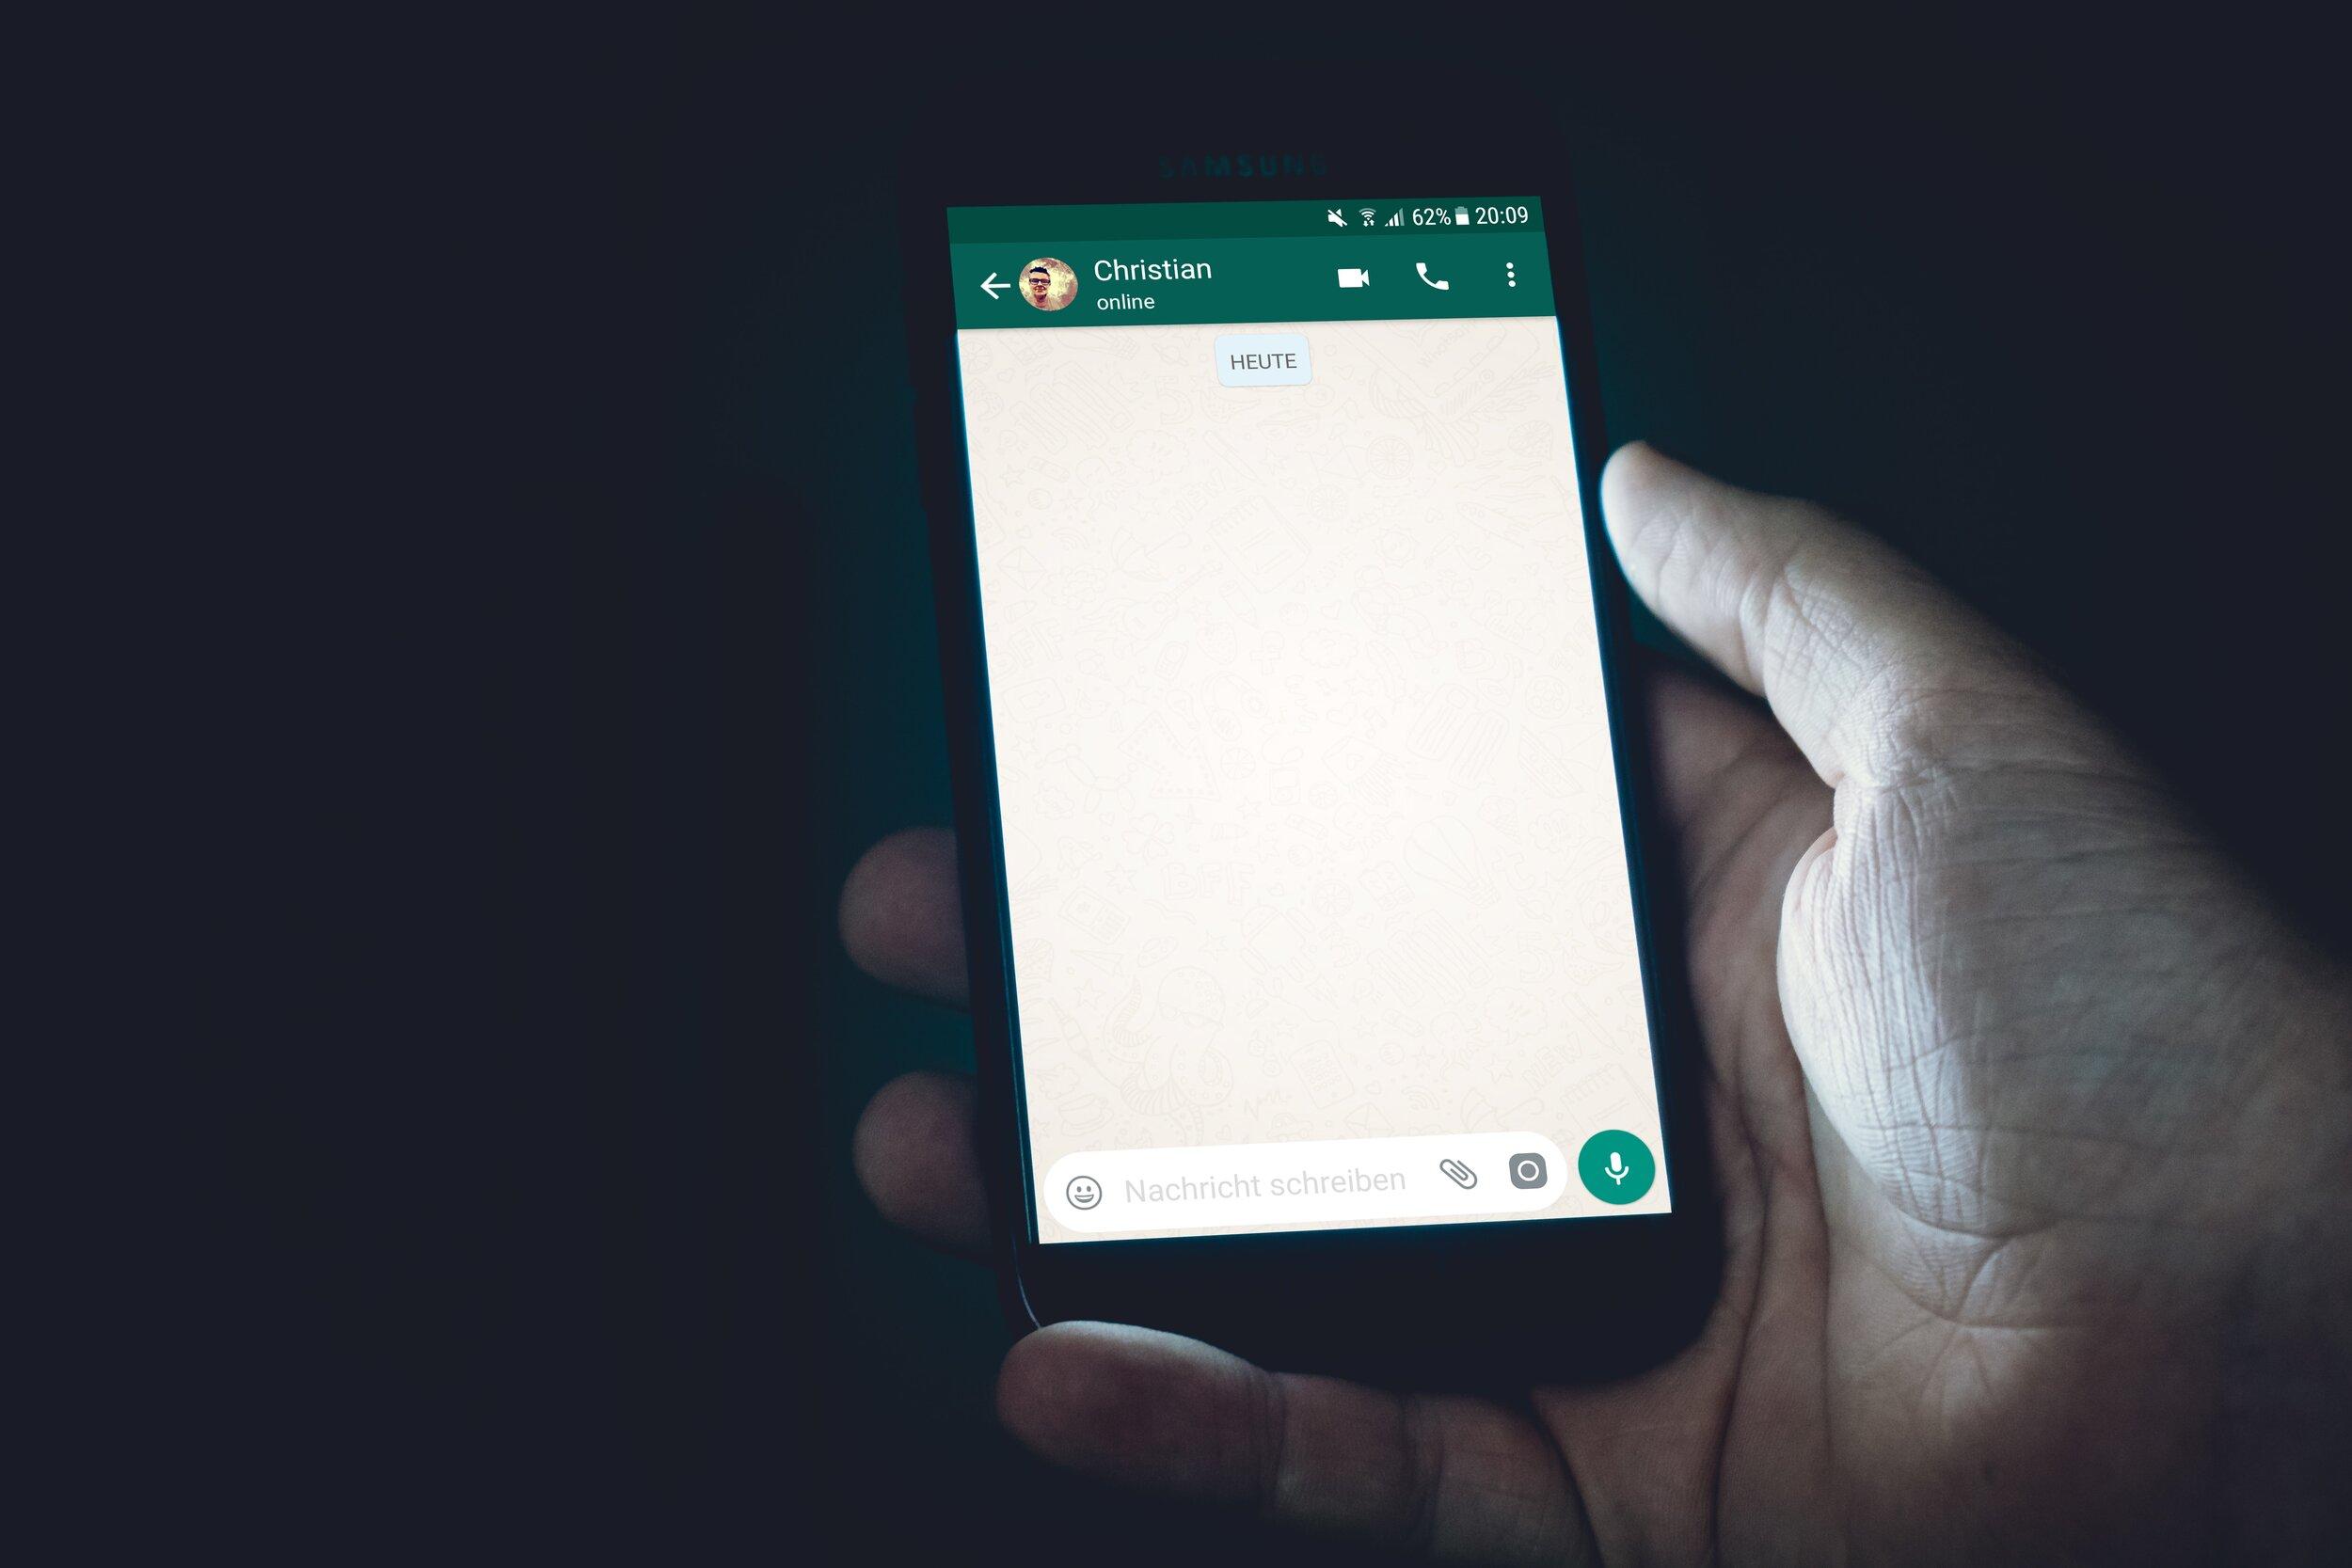 WhatsApp en esta campaña: poca verificación y poca conversación - Como parte de una alianza con Linterna Verde, la reciente Encuesta Polimétrica incluyó un módulo dedicado a analizar el uso de WhatsApp en el contexto electoral.